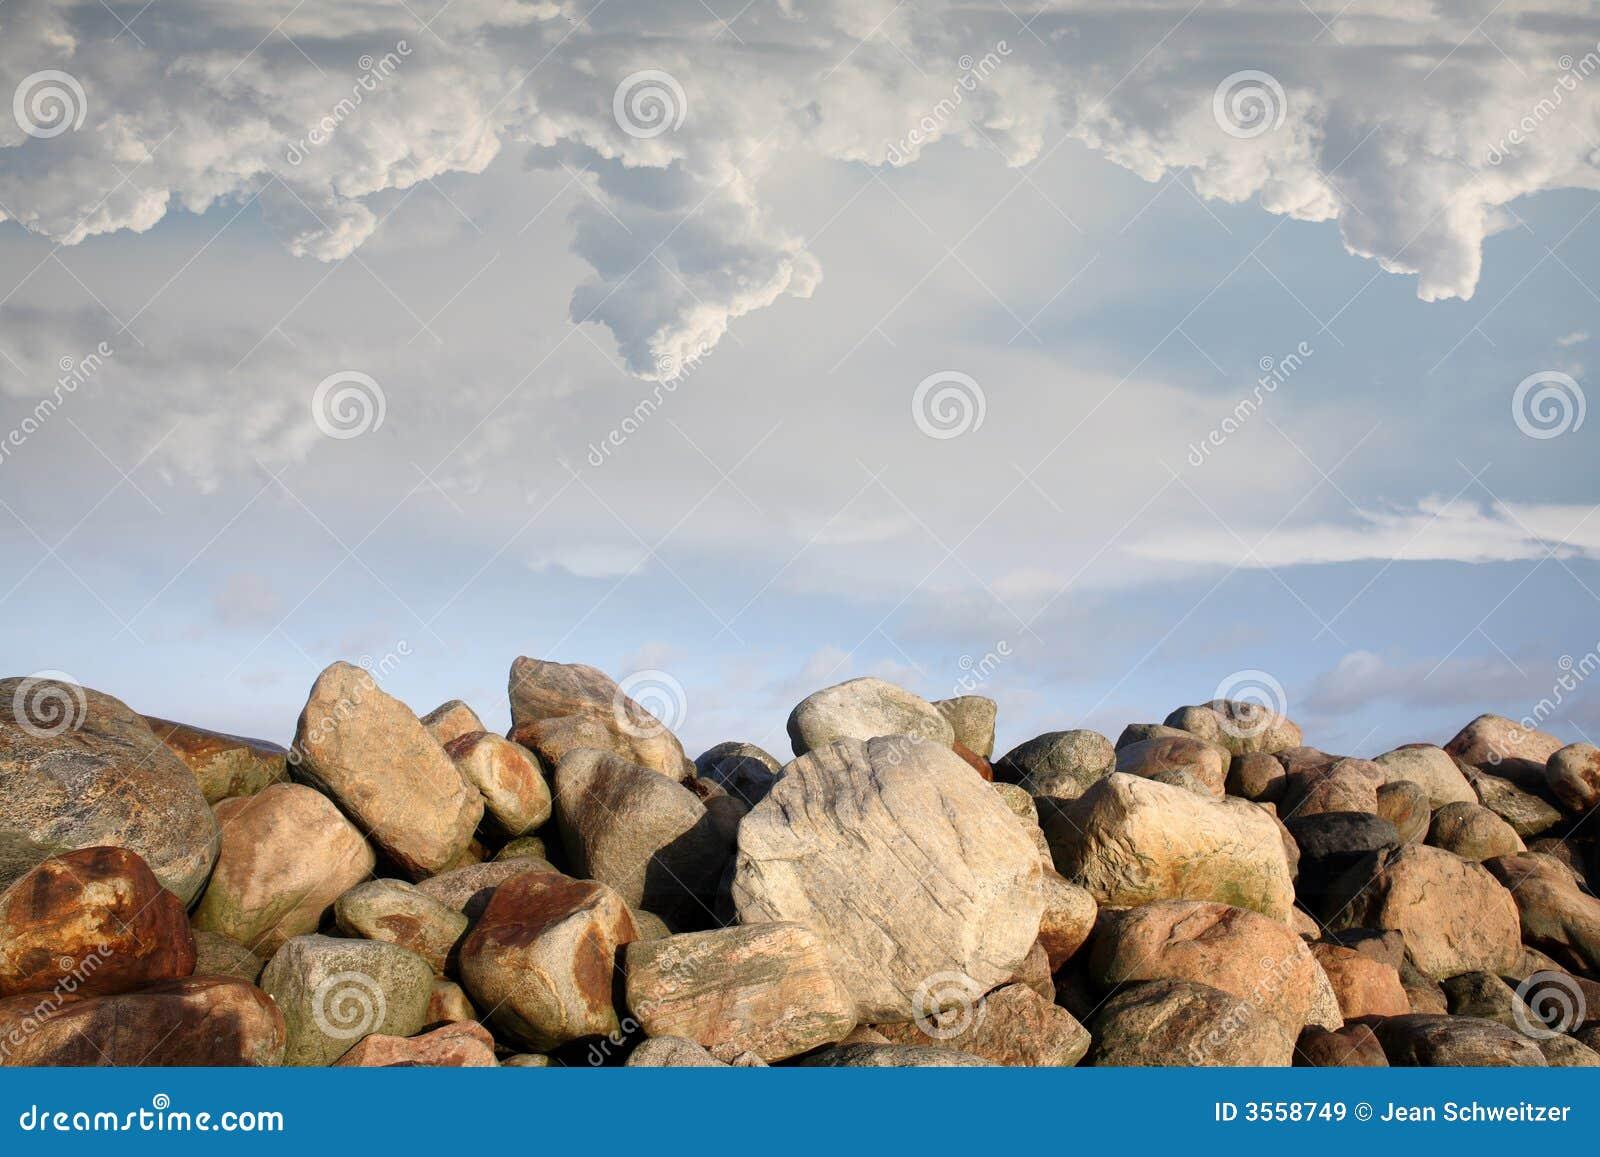 on stones ocean - photo #47